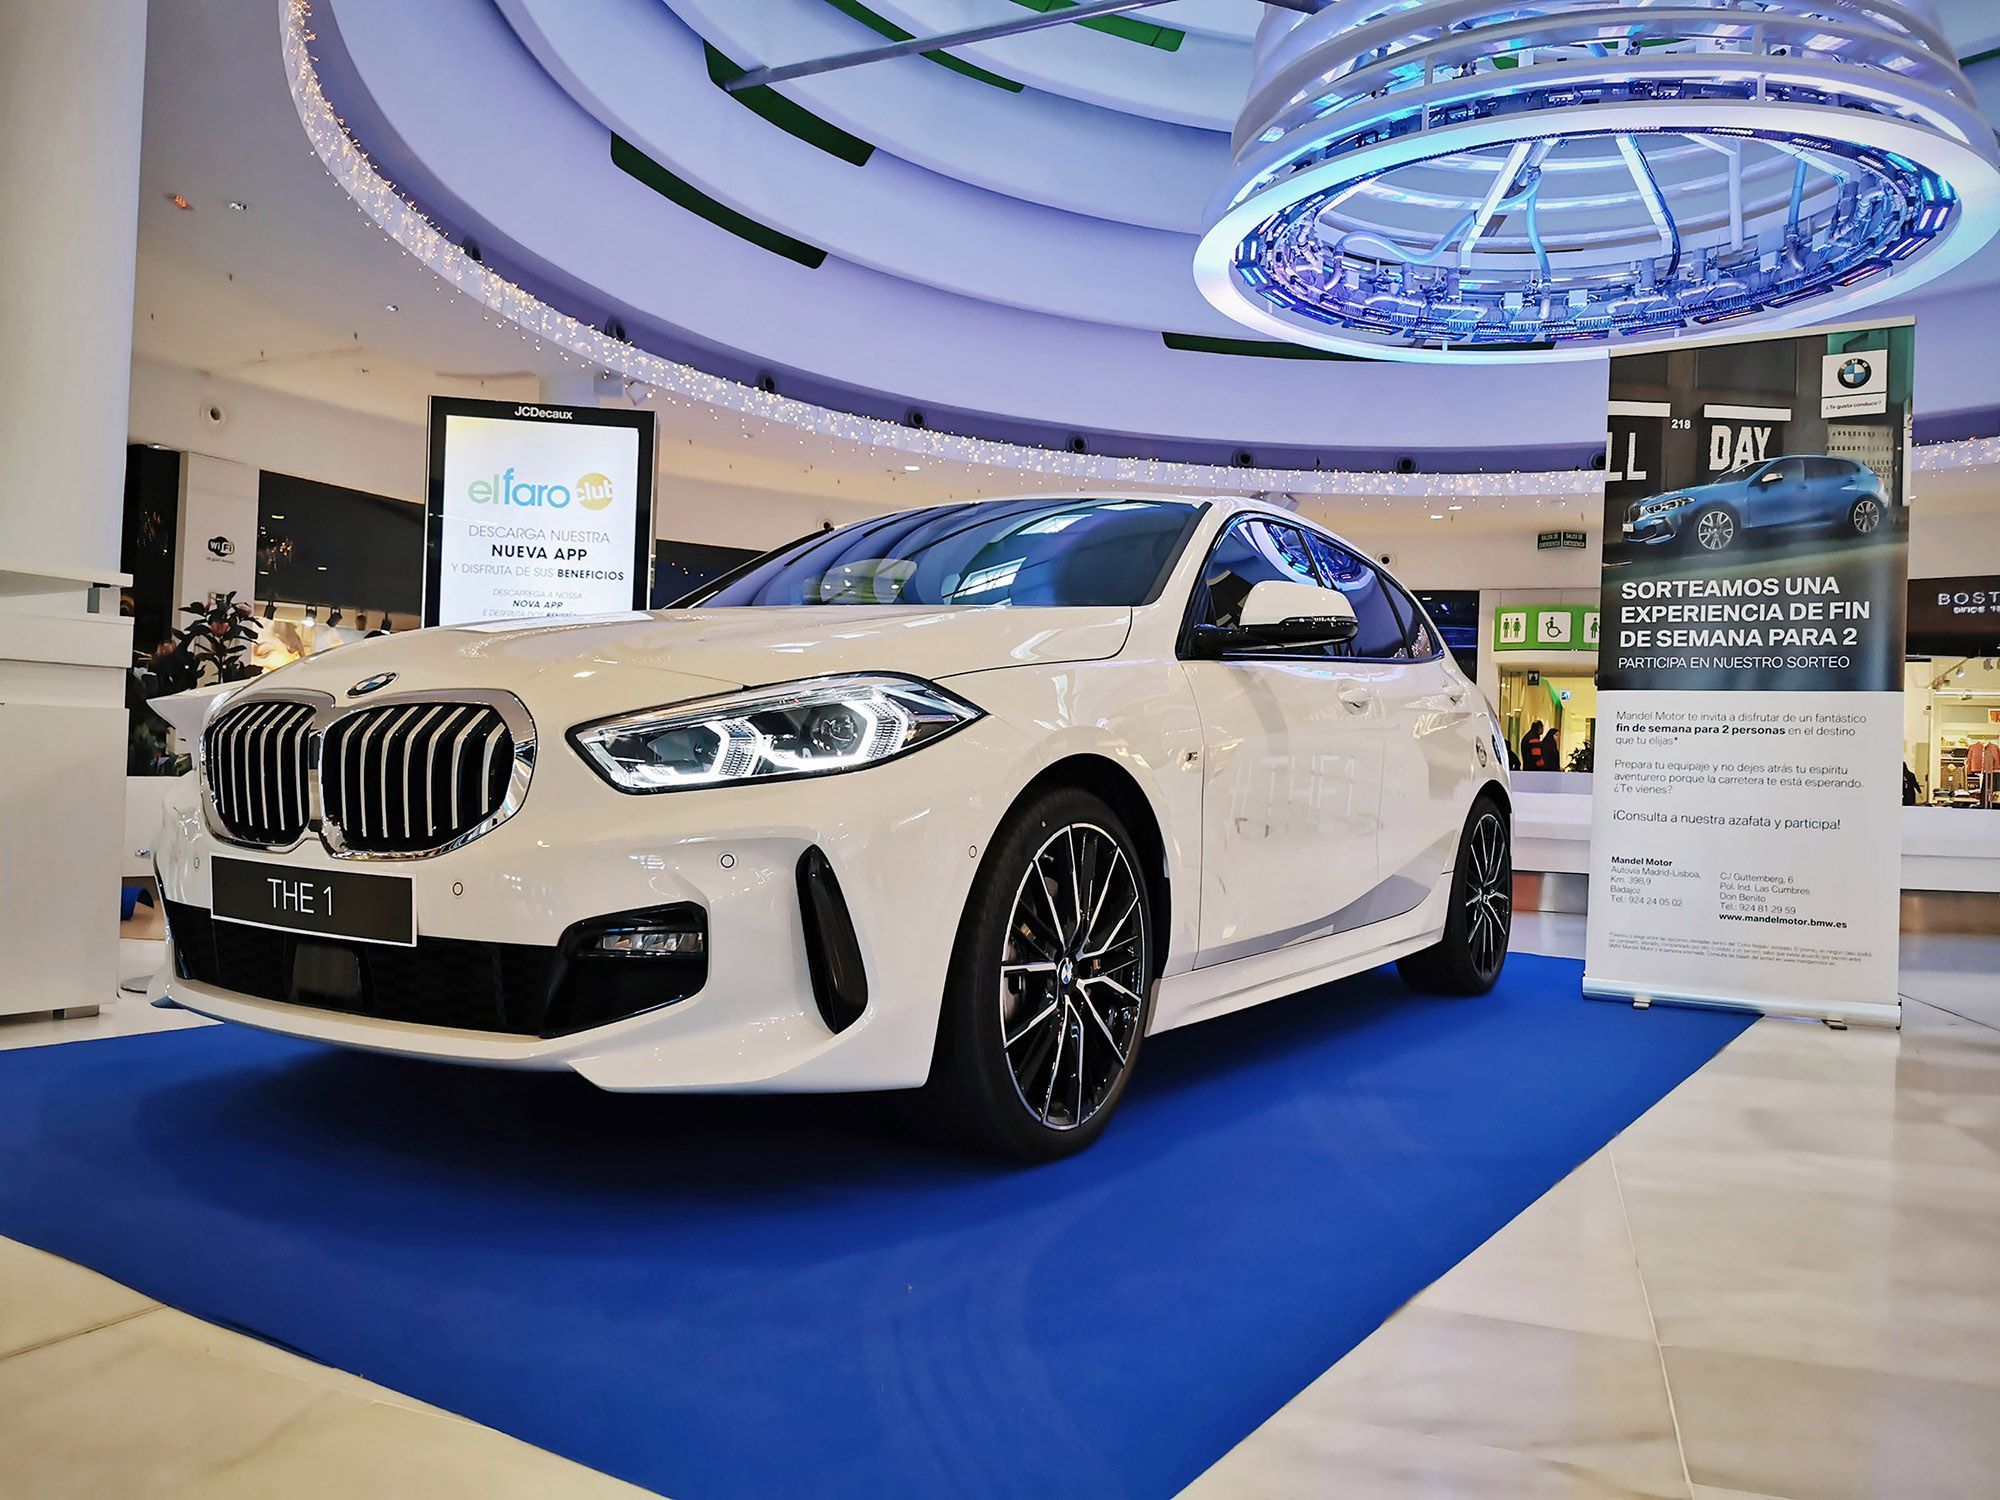 NUEVO BMW SERIE 1 EN EL FARO - Bases sorteo